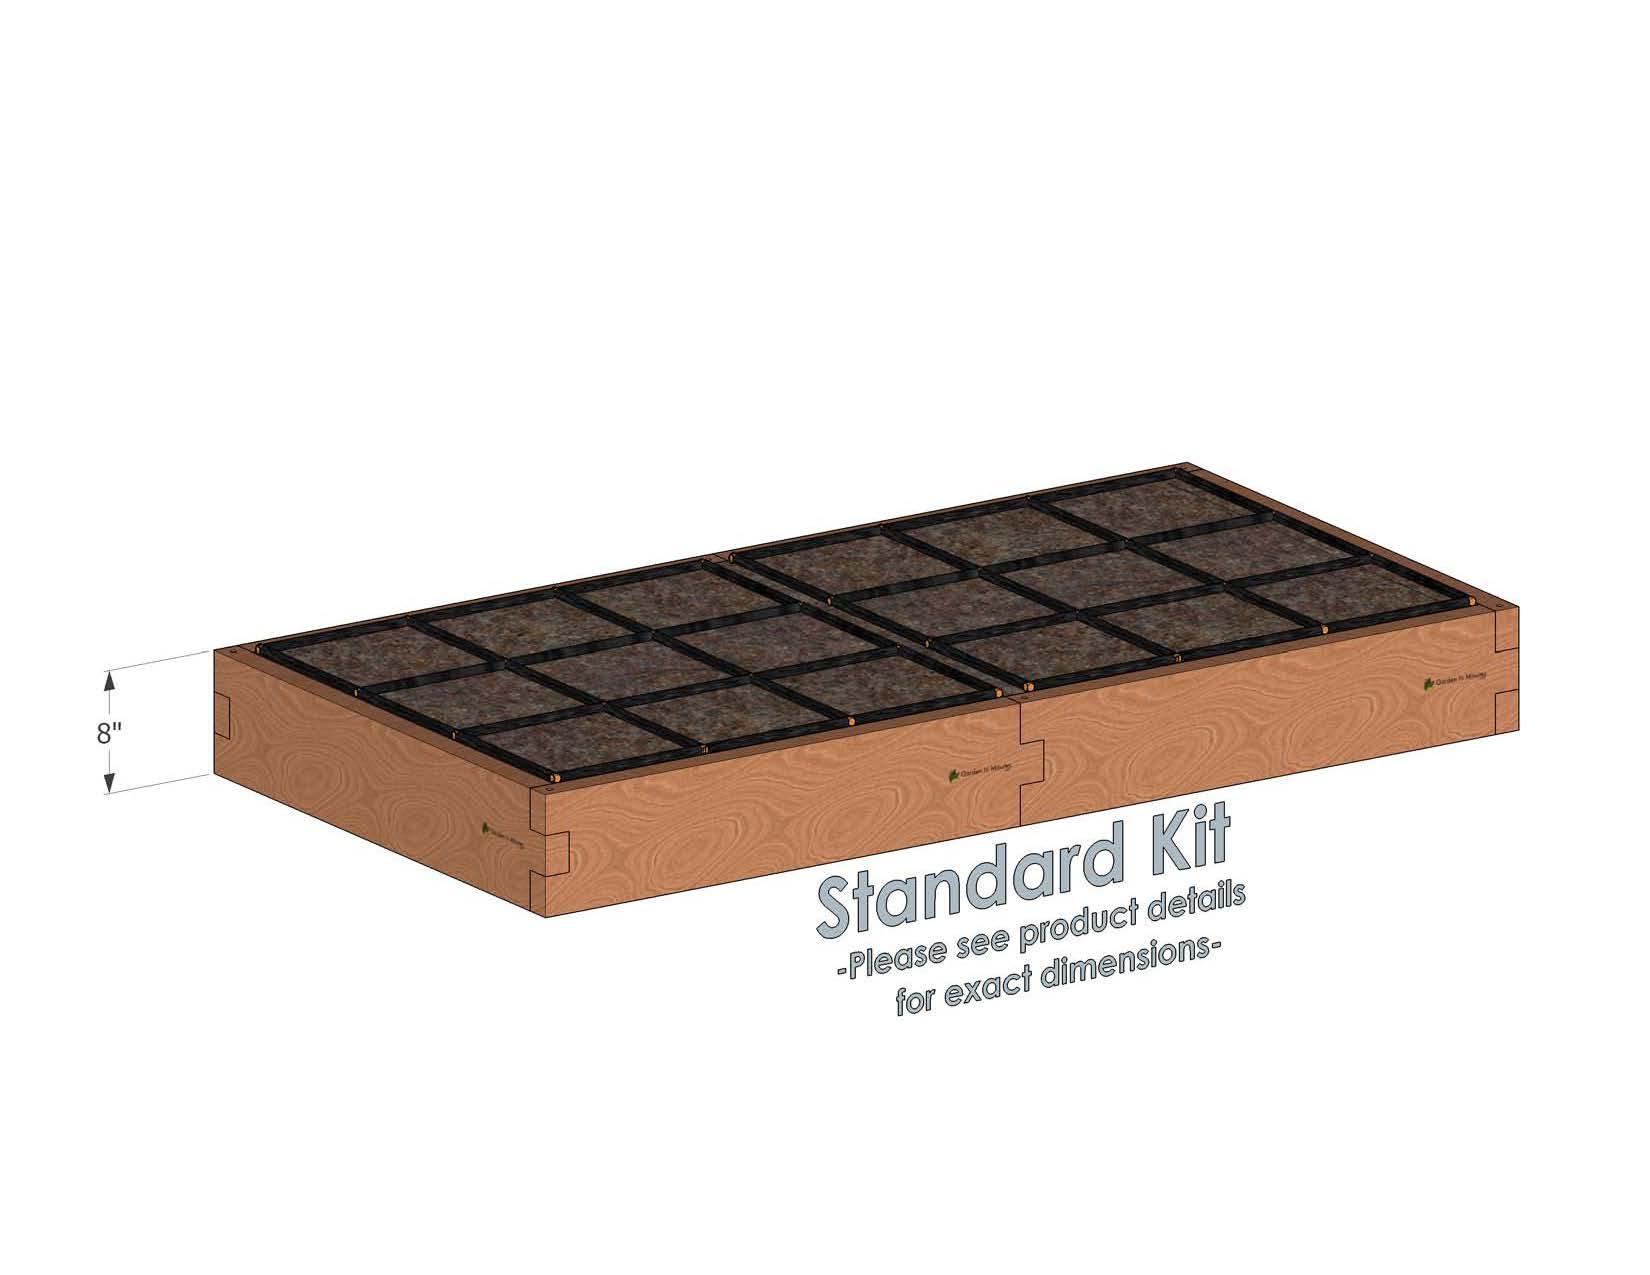 3x6 Raised Garden Kit Standard Height